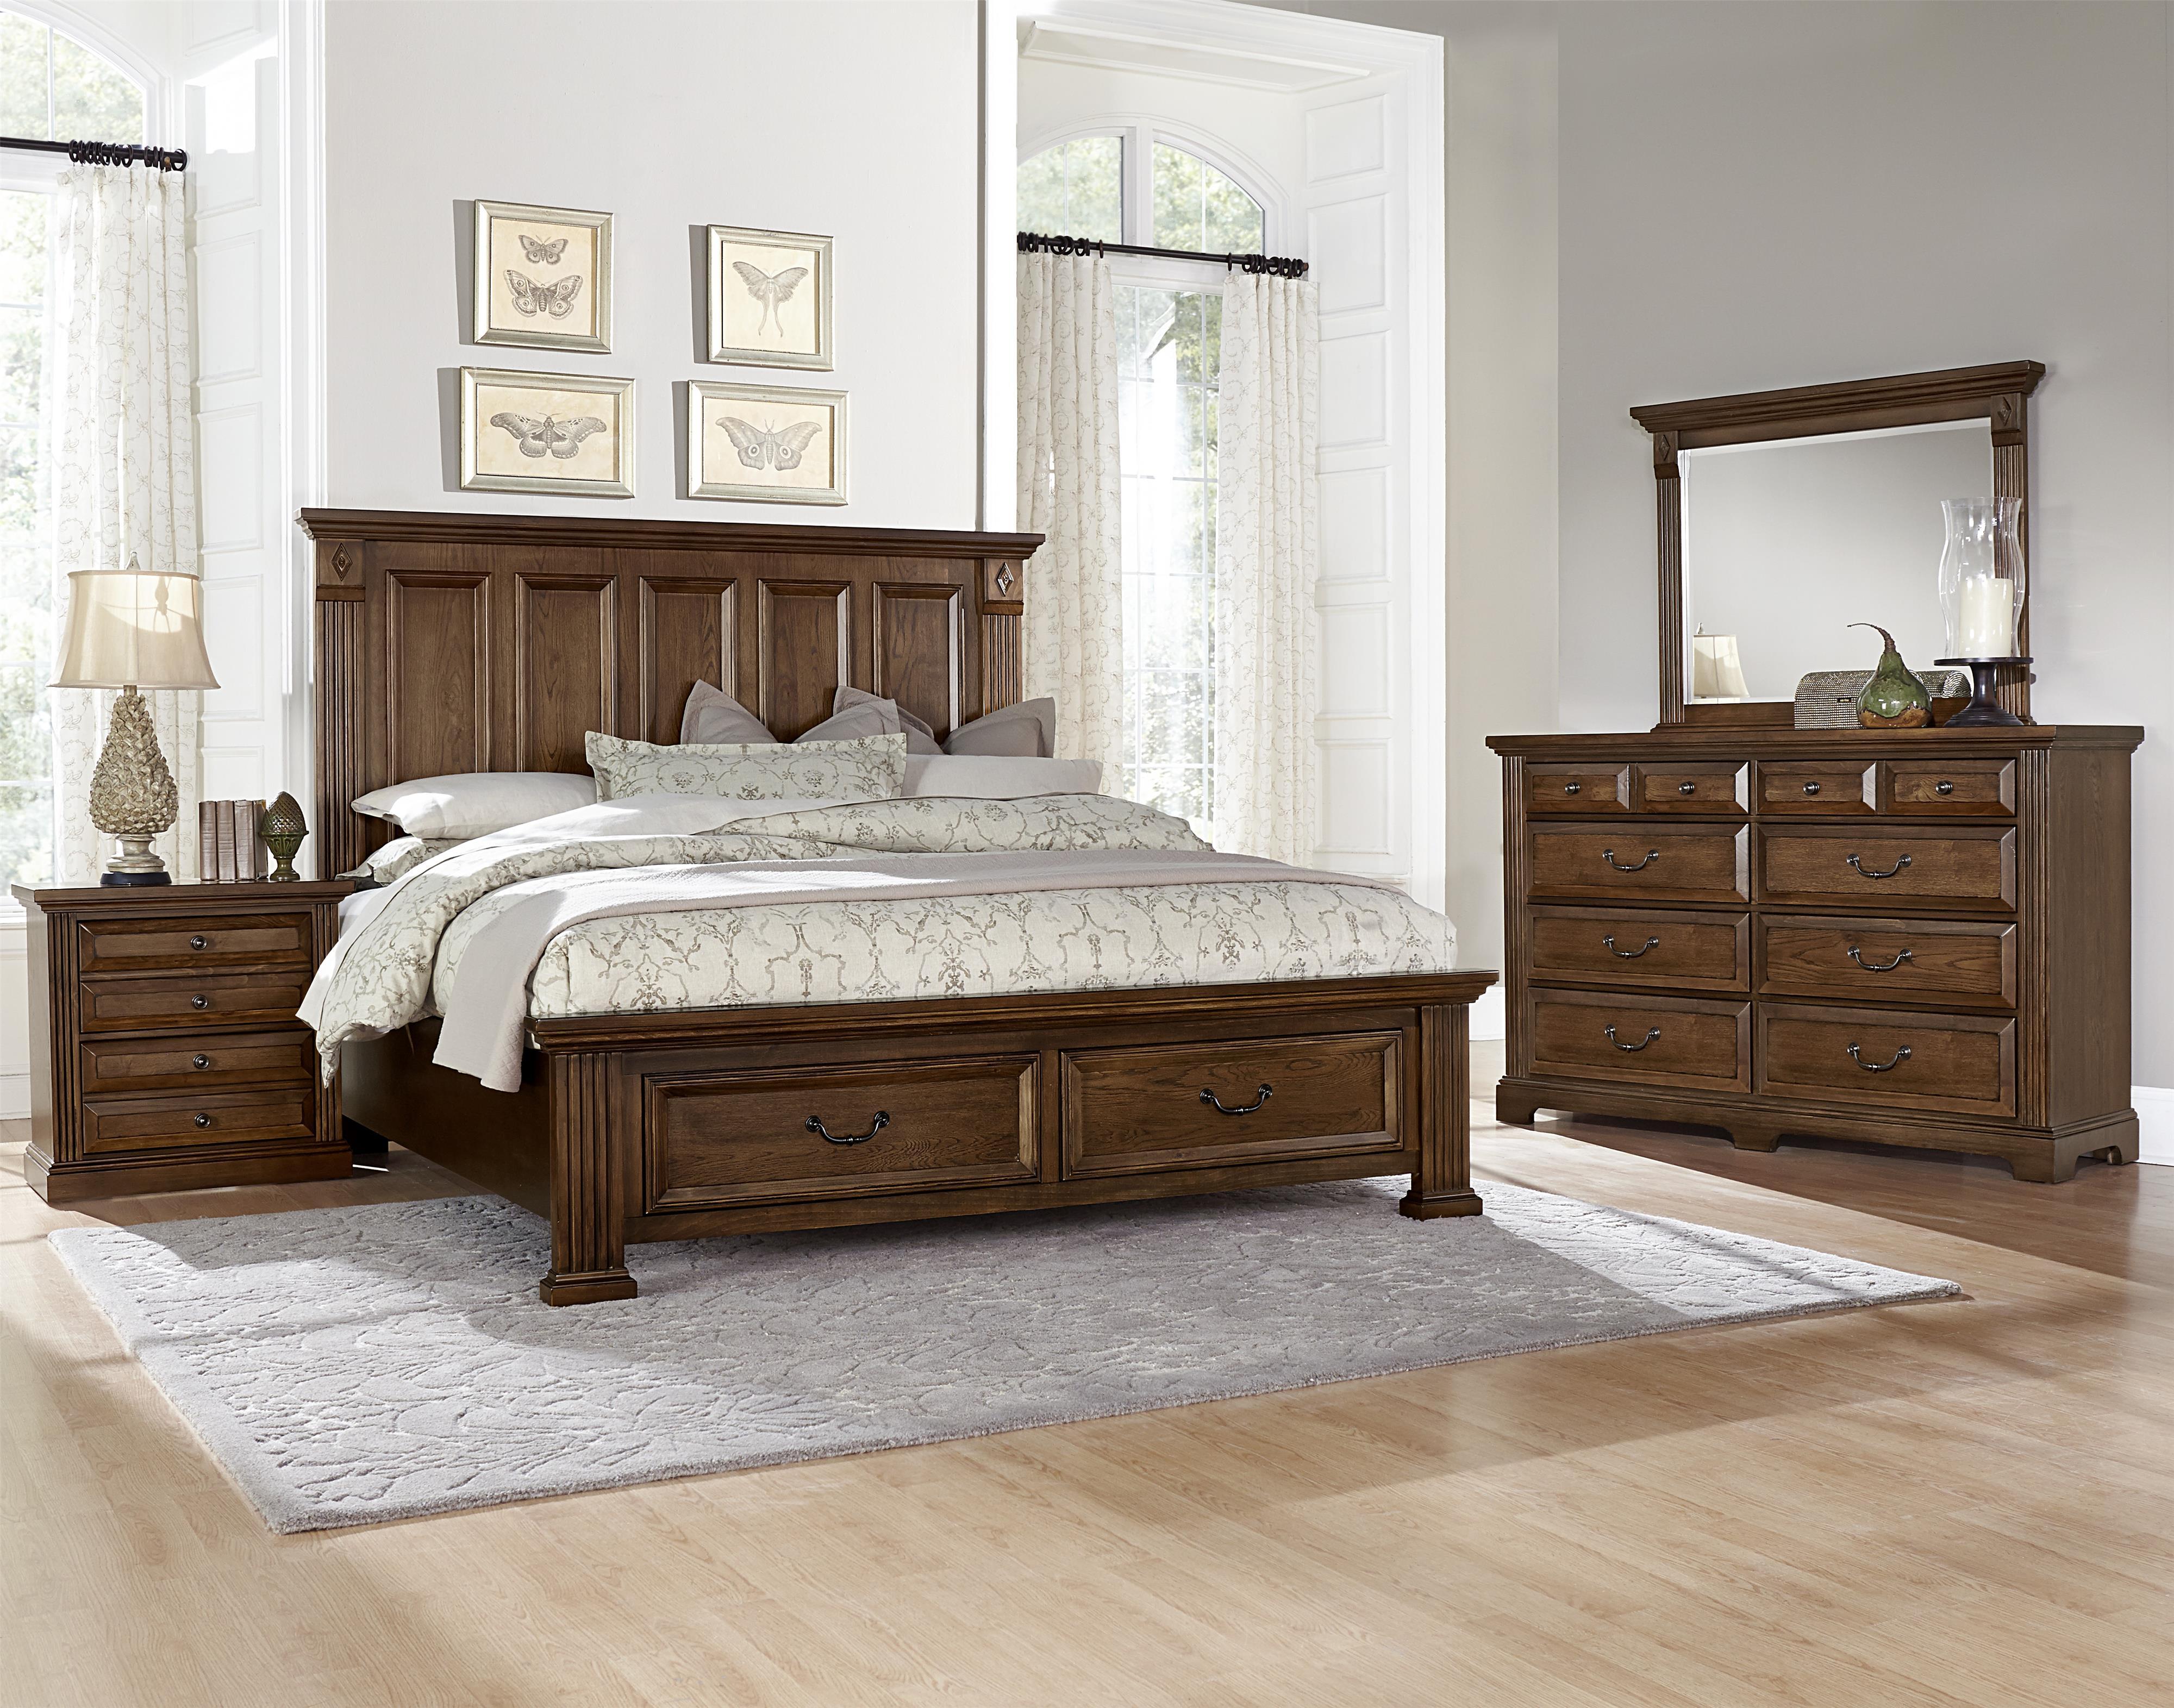 Vaughan Bassett Woodlands King Bedroom Group Olinde 39 S Furniture Bedroom Groups